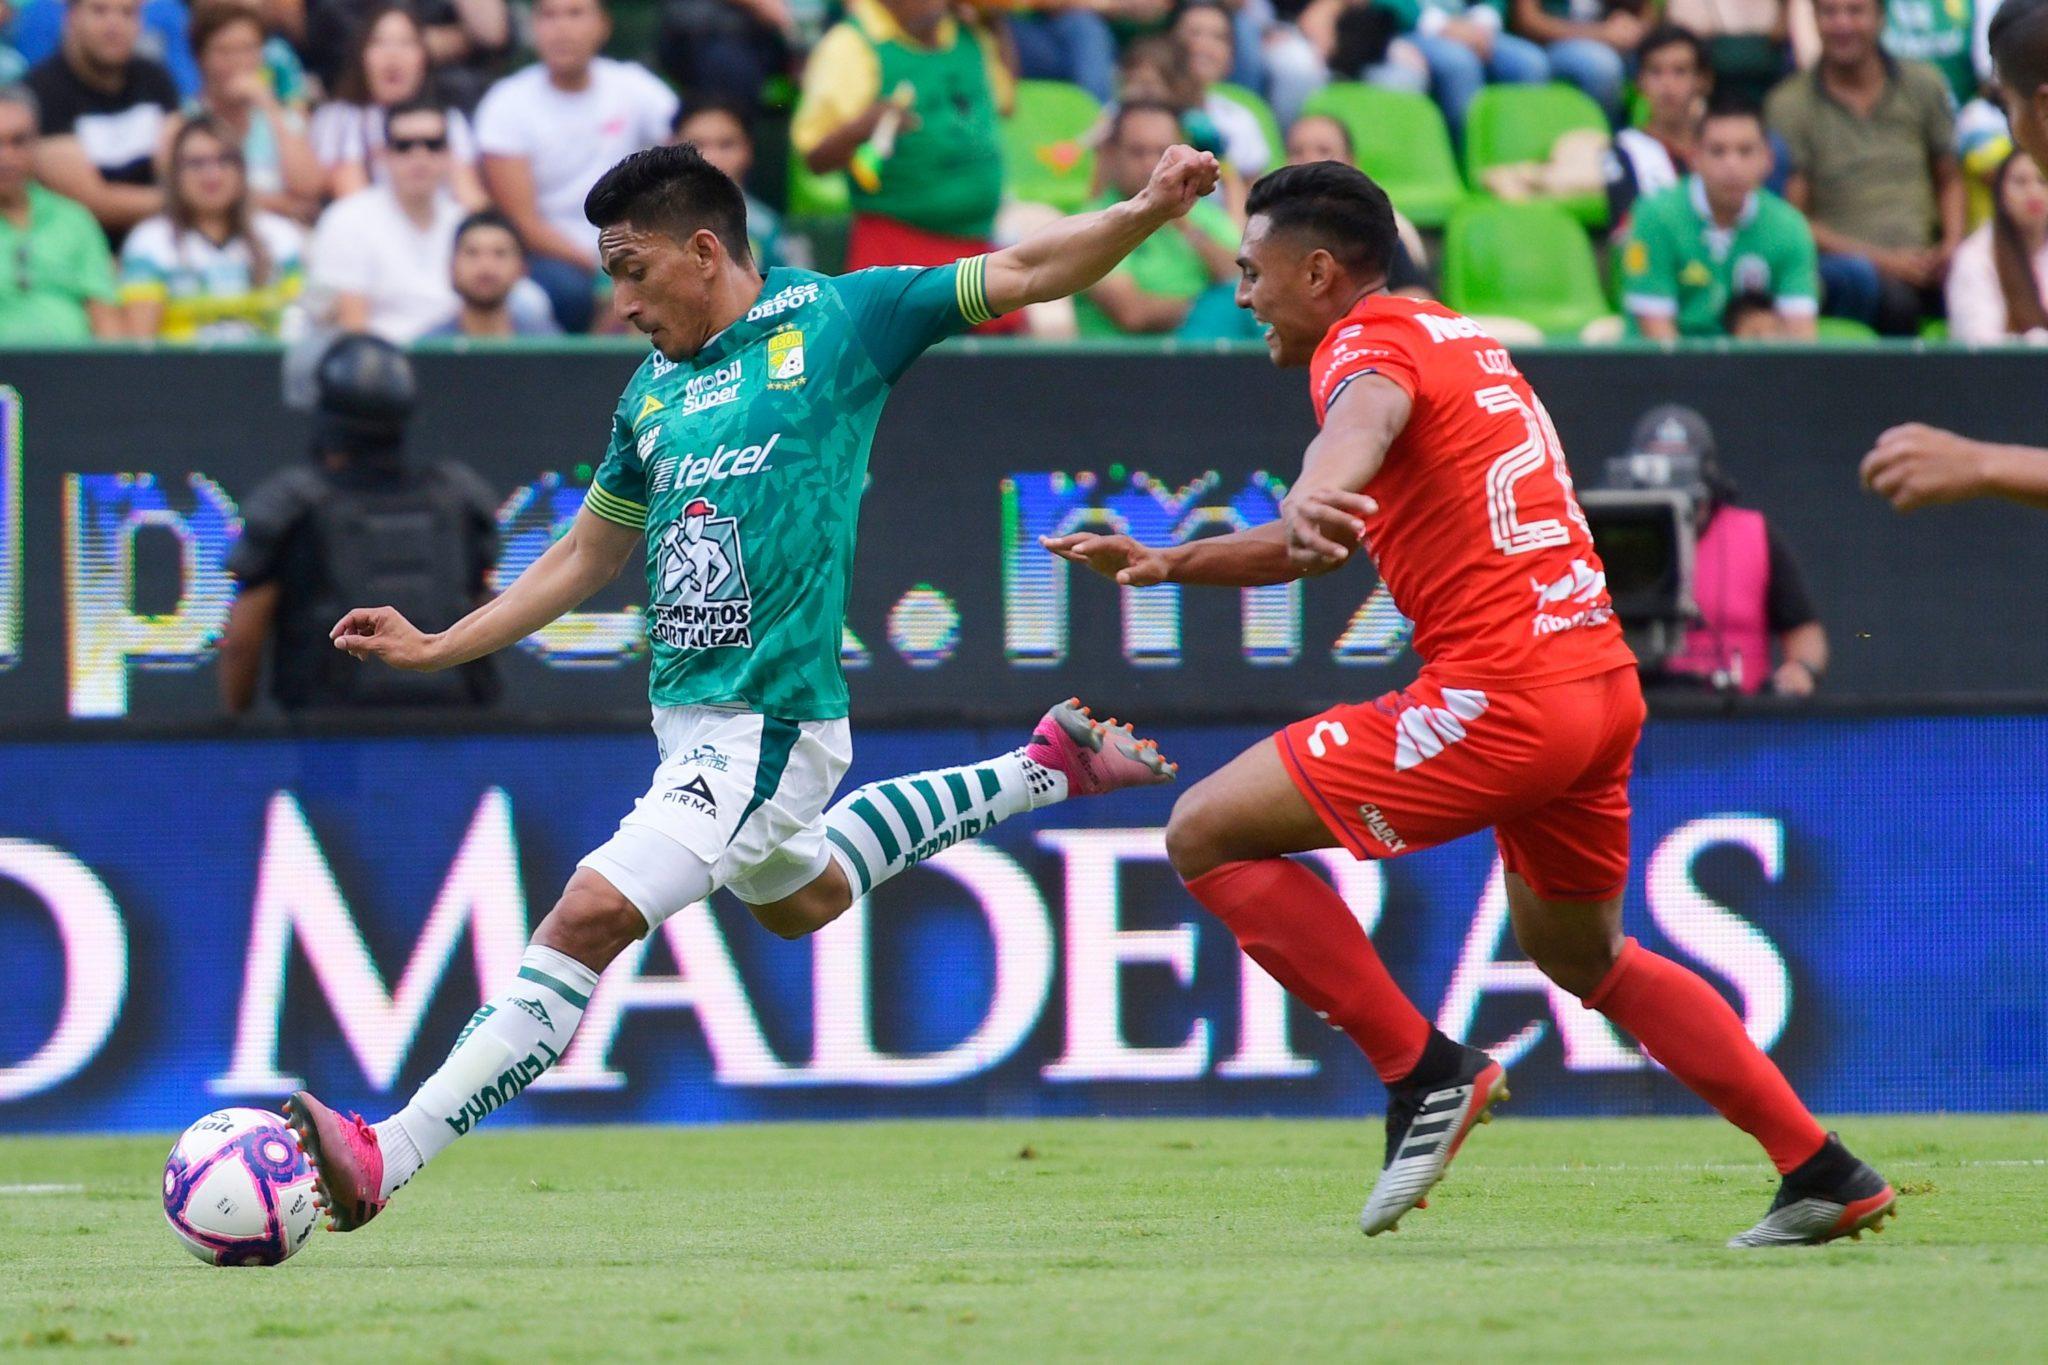 León y Veracruz empataron. Foto: Twitter